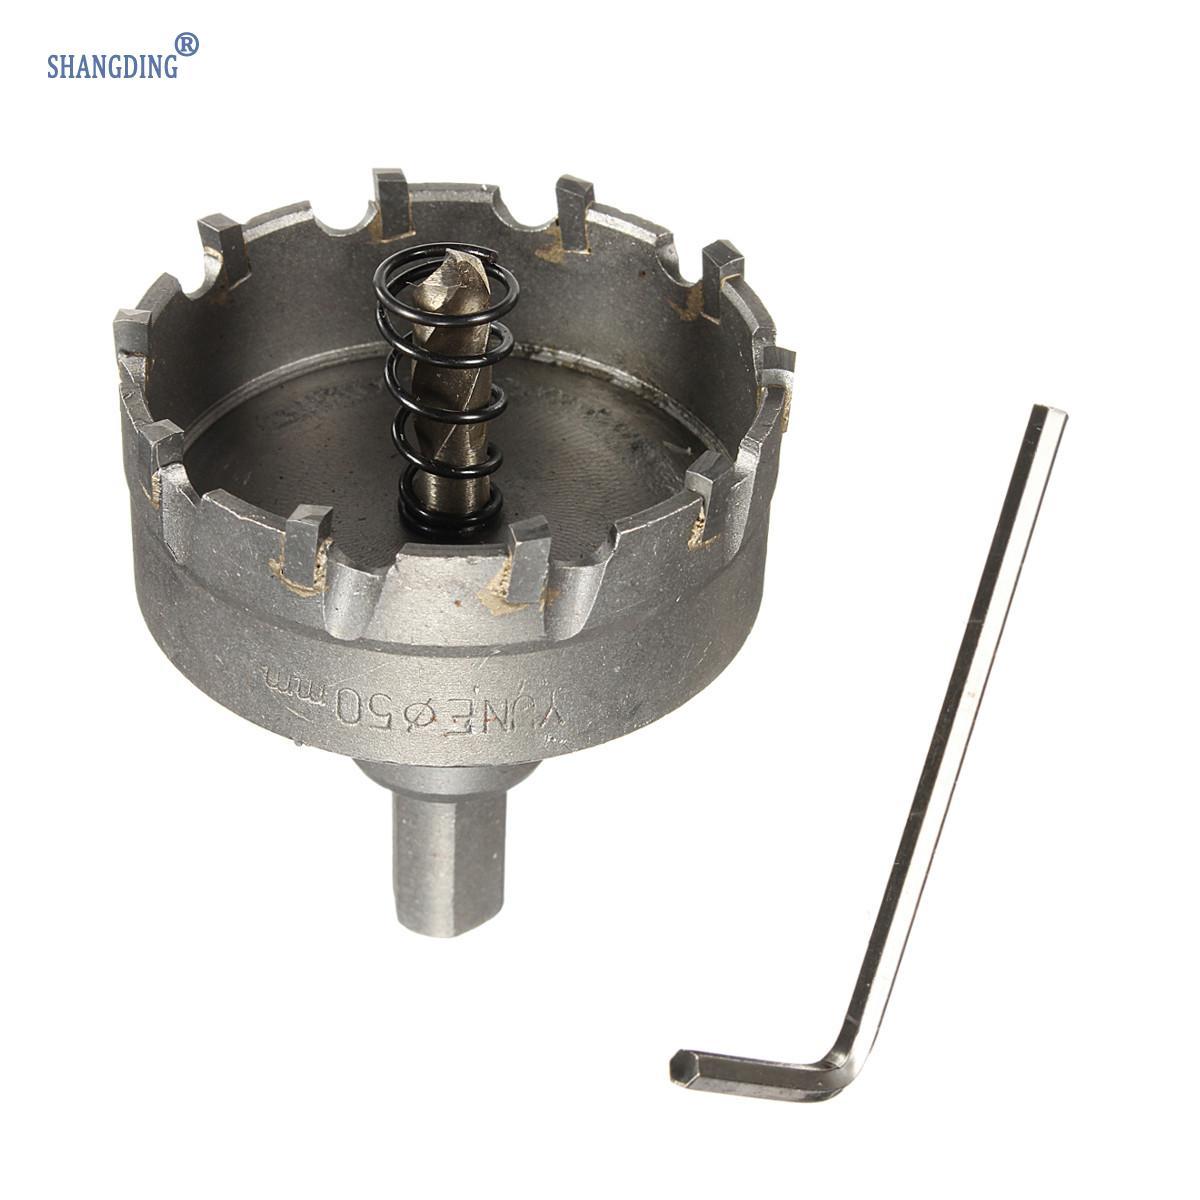 1 sada 48 mm karbidový hrot TCT vrták do kovu s vrtákem na kovovou - Vrták - Fotografie 5